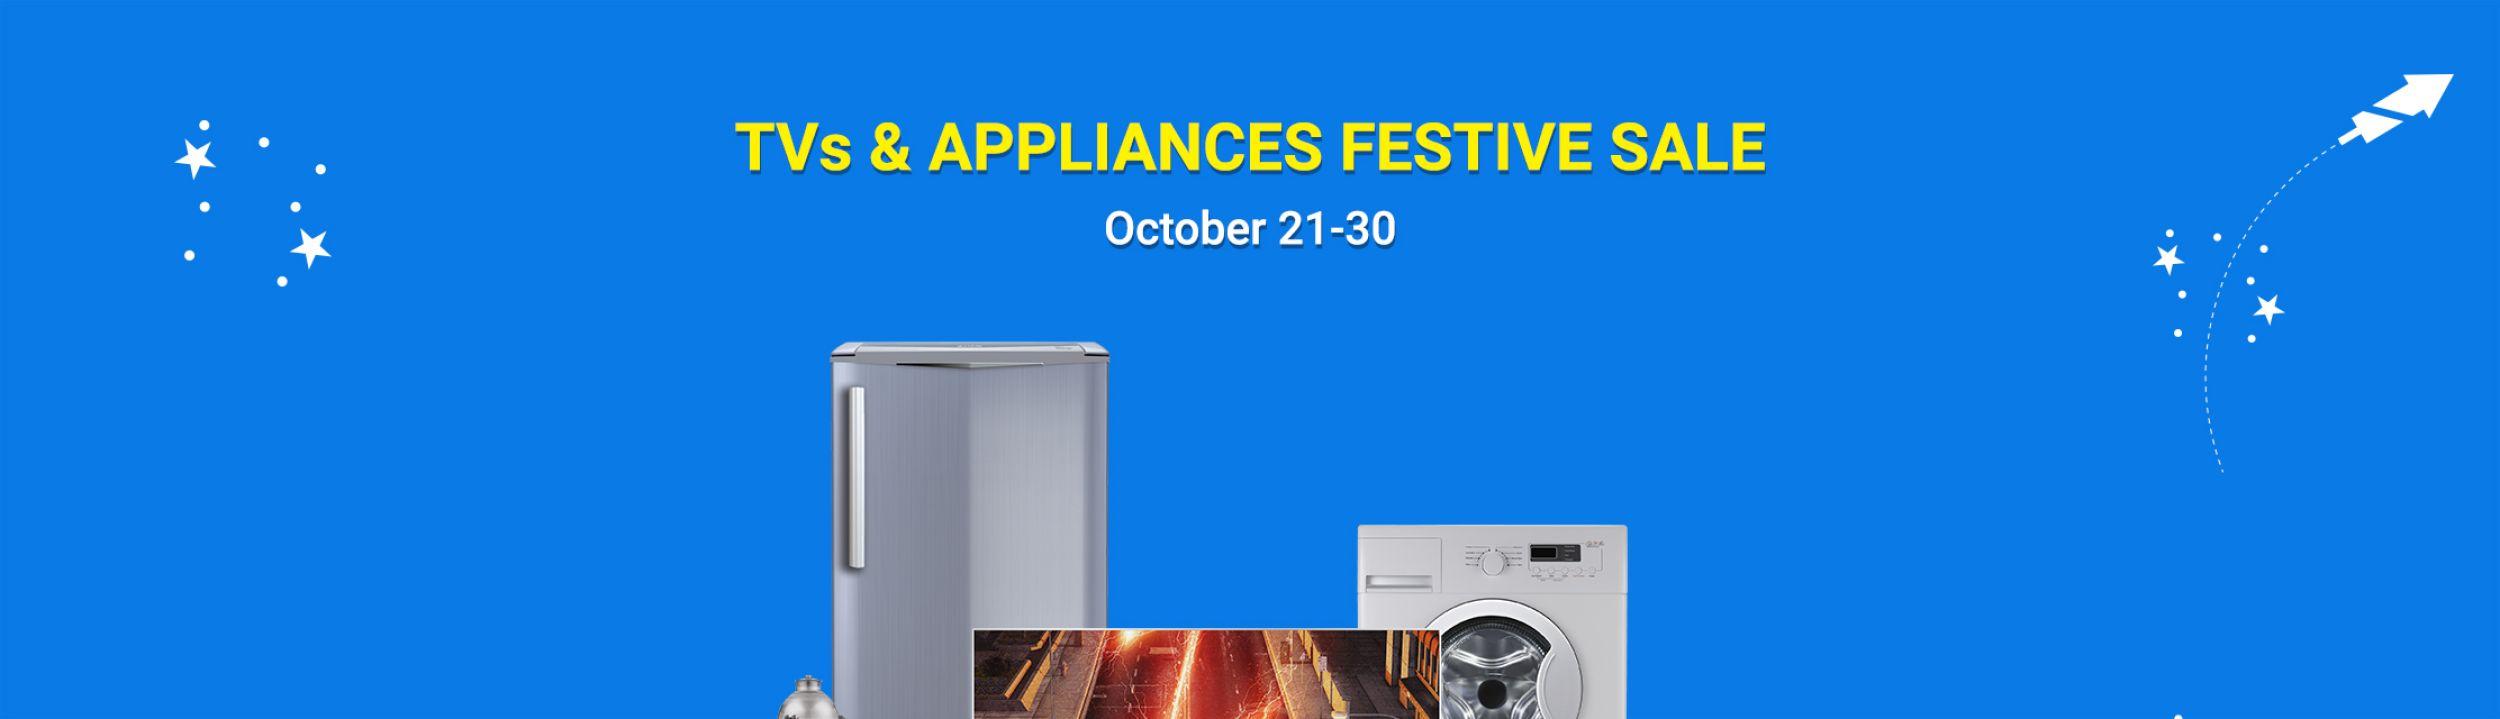 Flipkart Appliance Sale